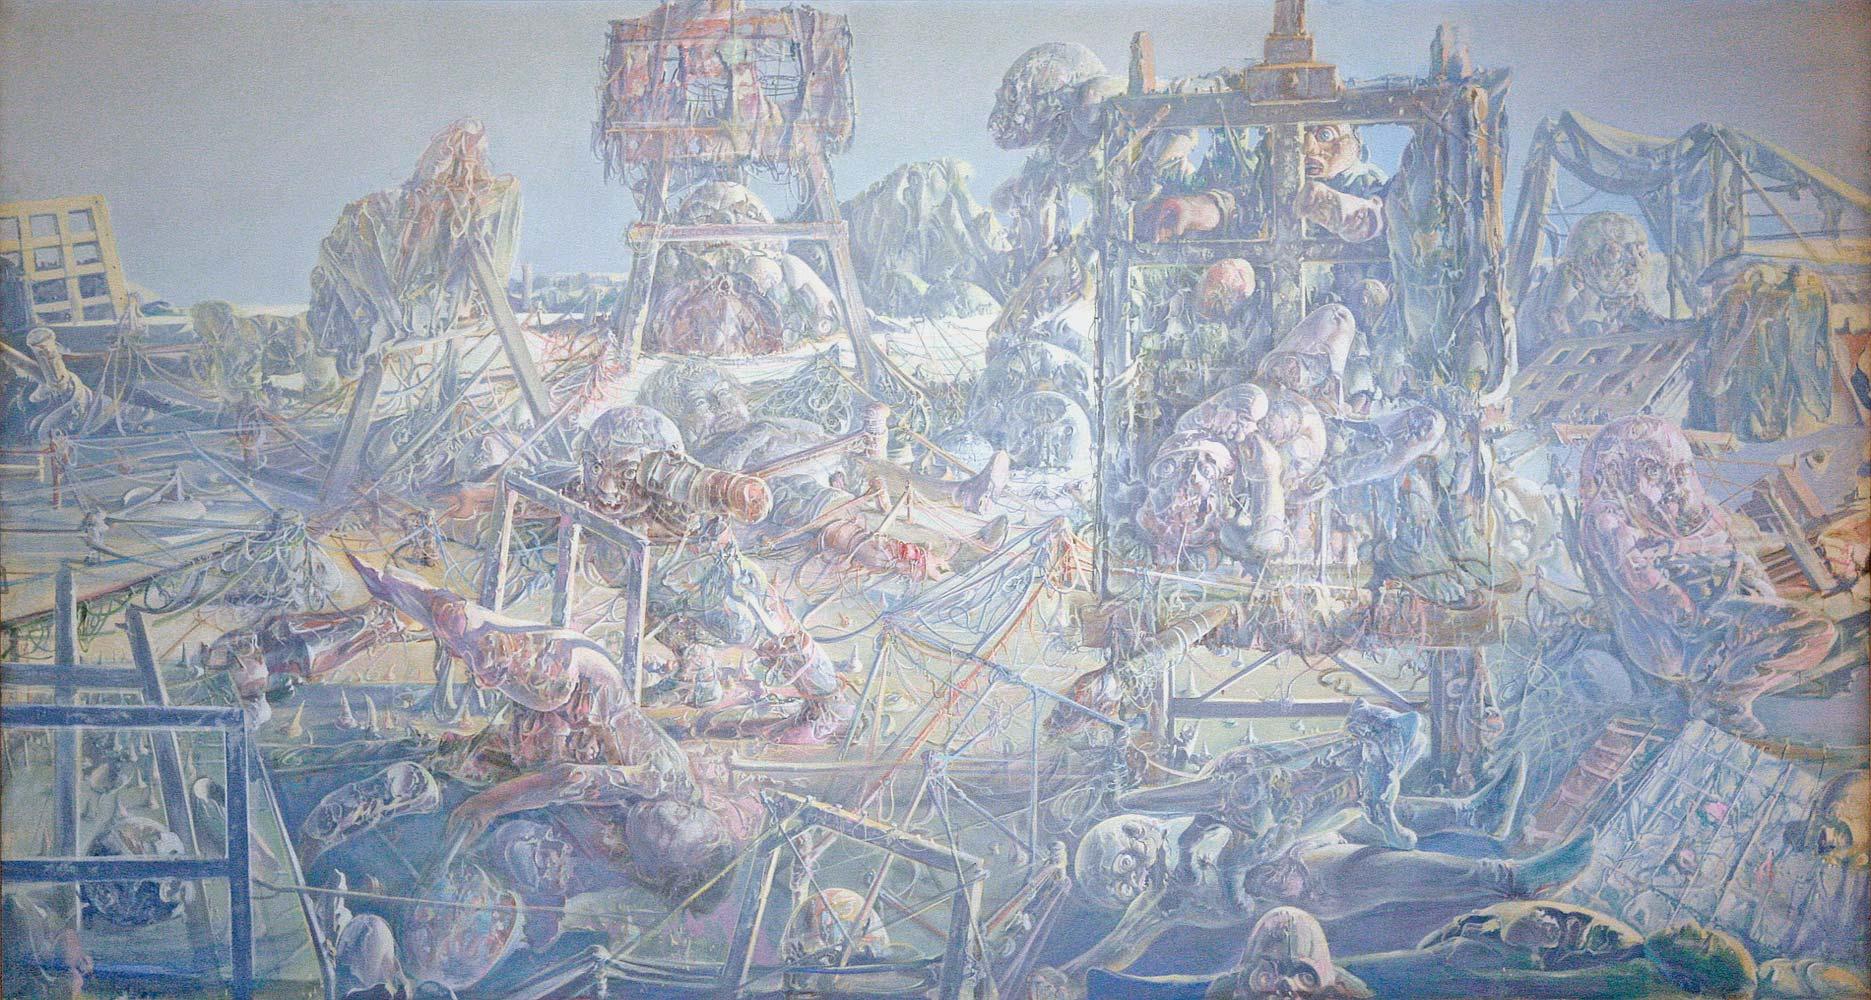 Dado's painting: The Studio, 1972